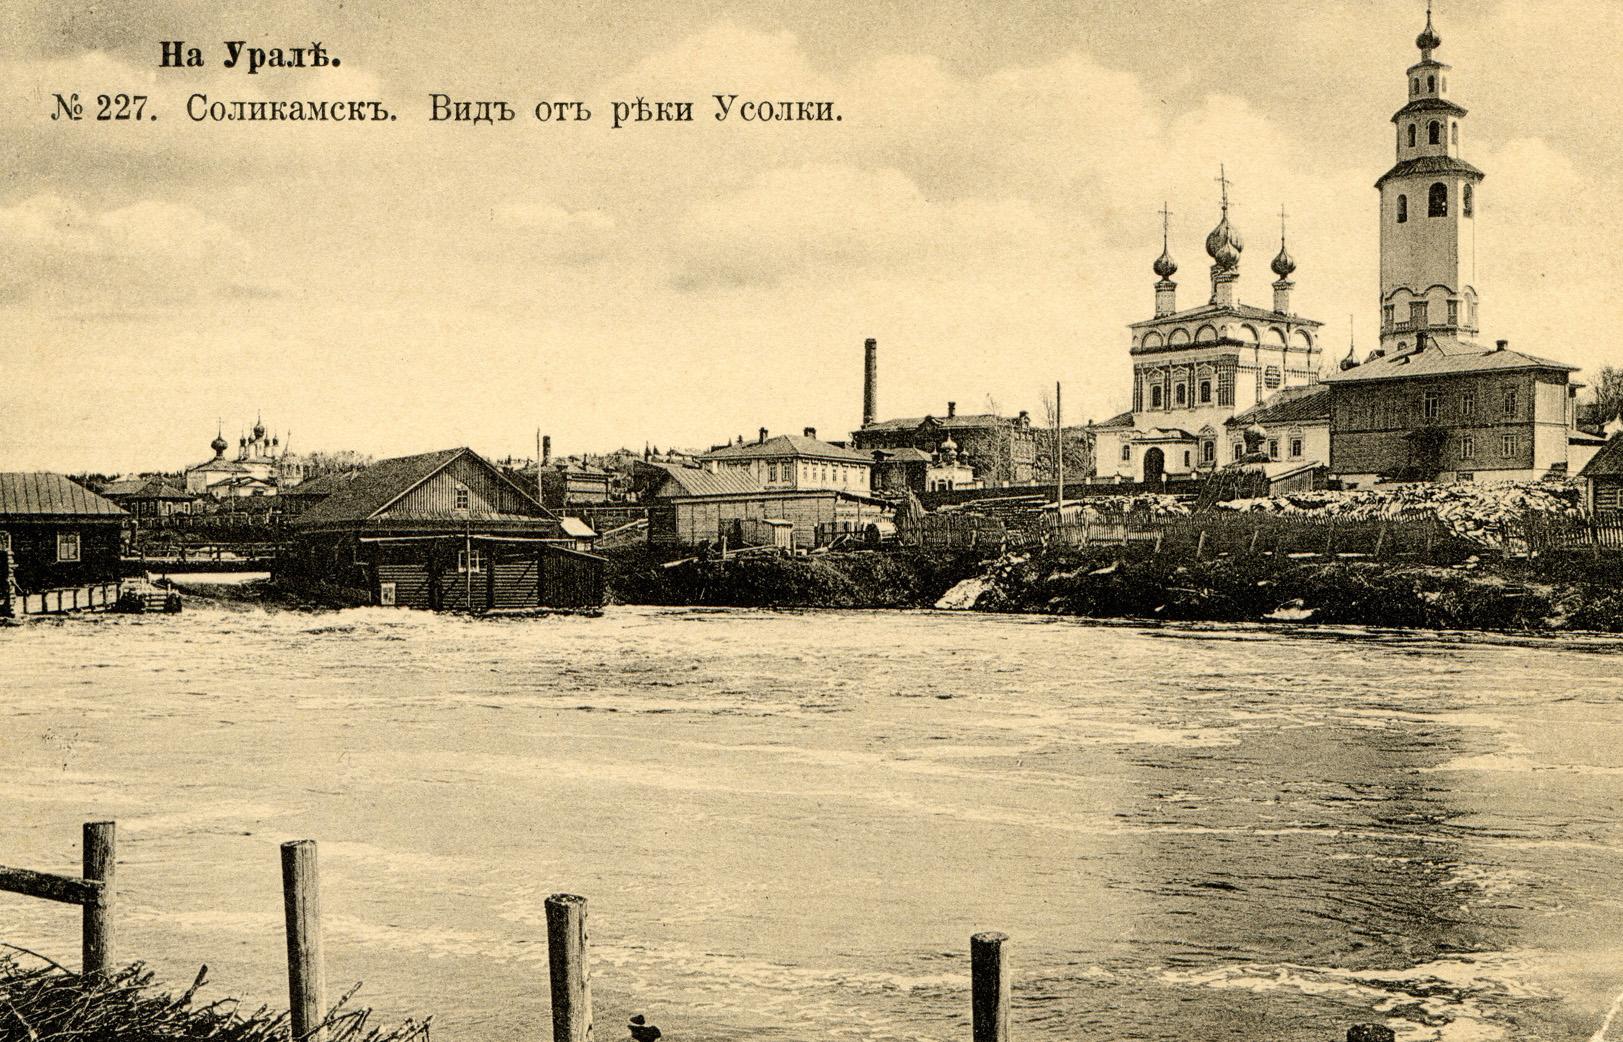 Вид от реки Усолки